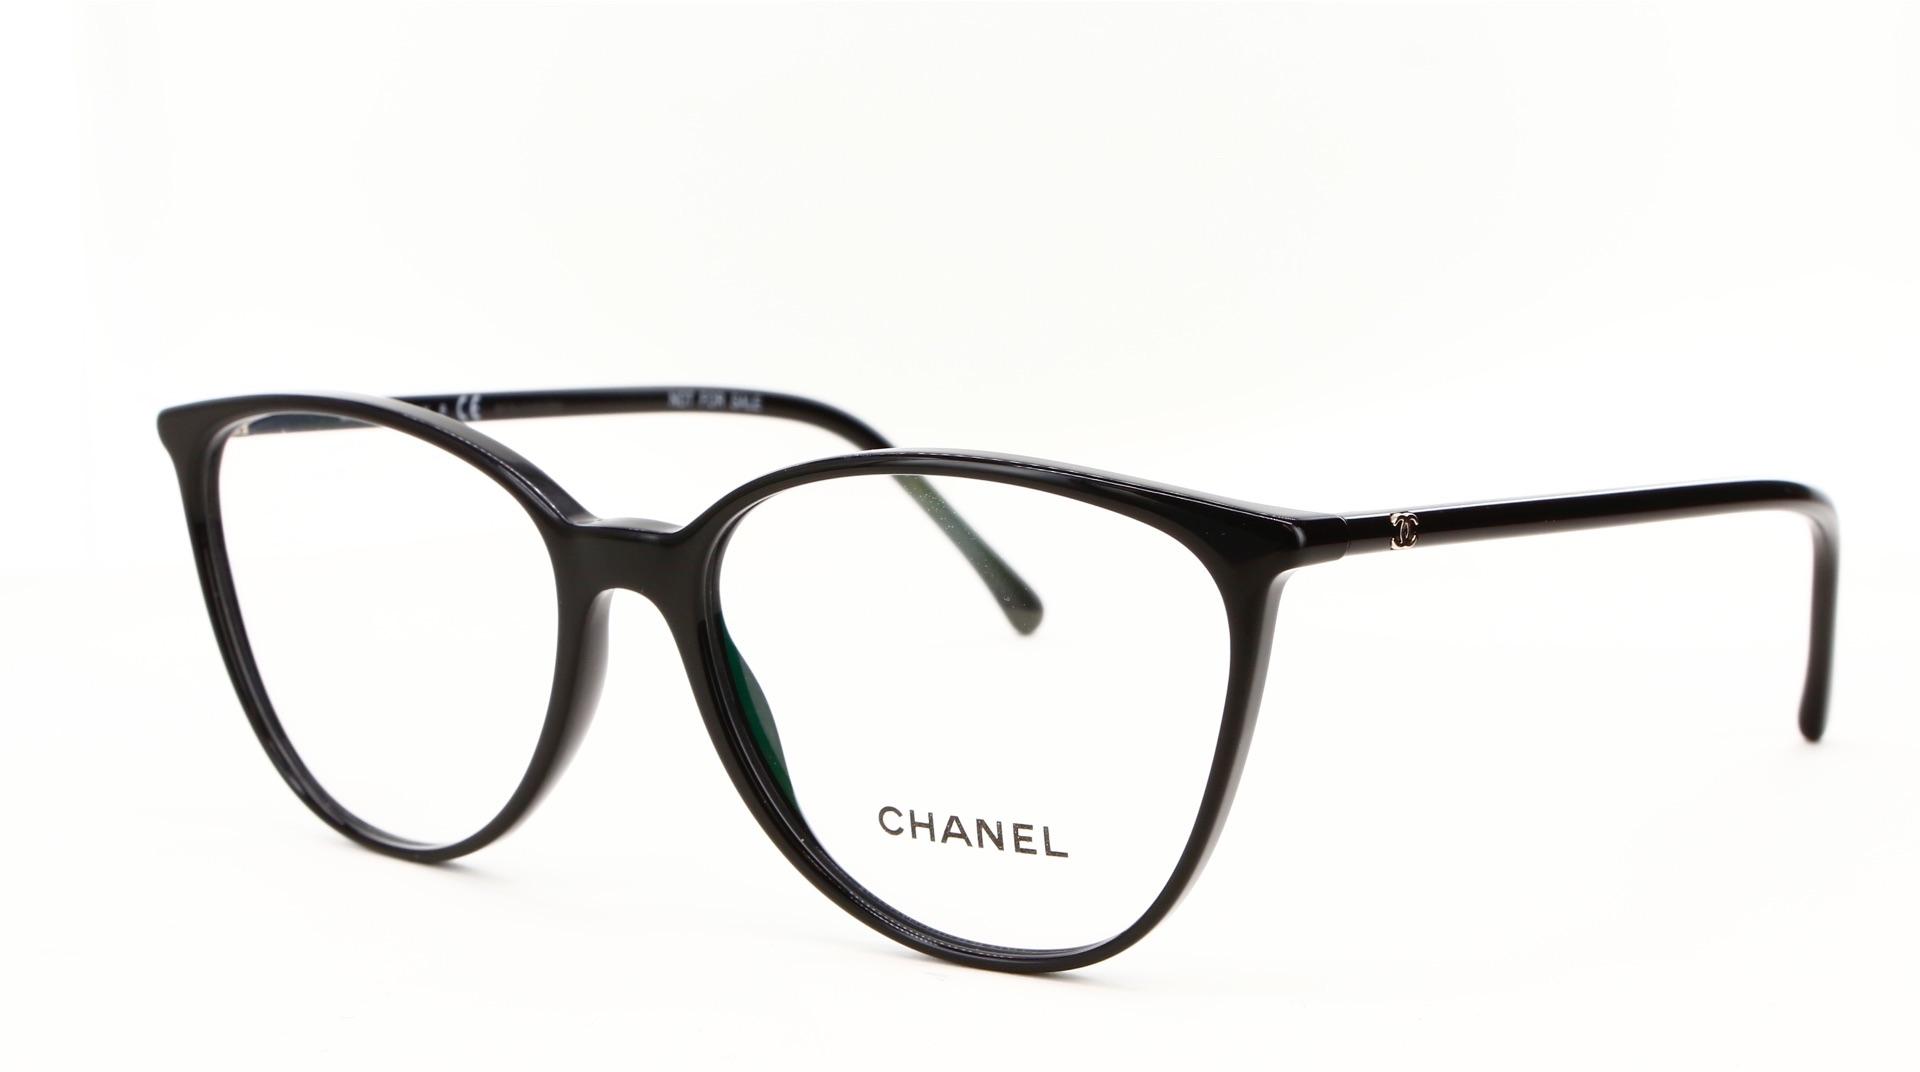 Chanel - ref: 79244